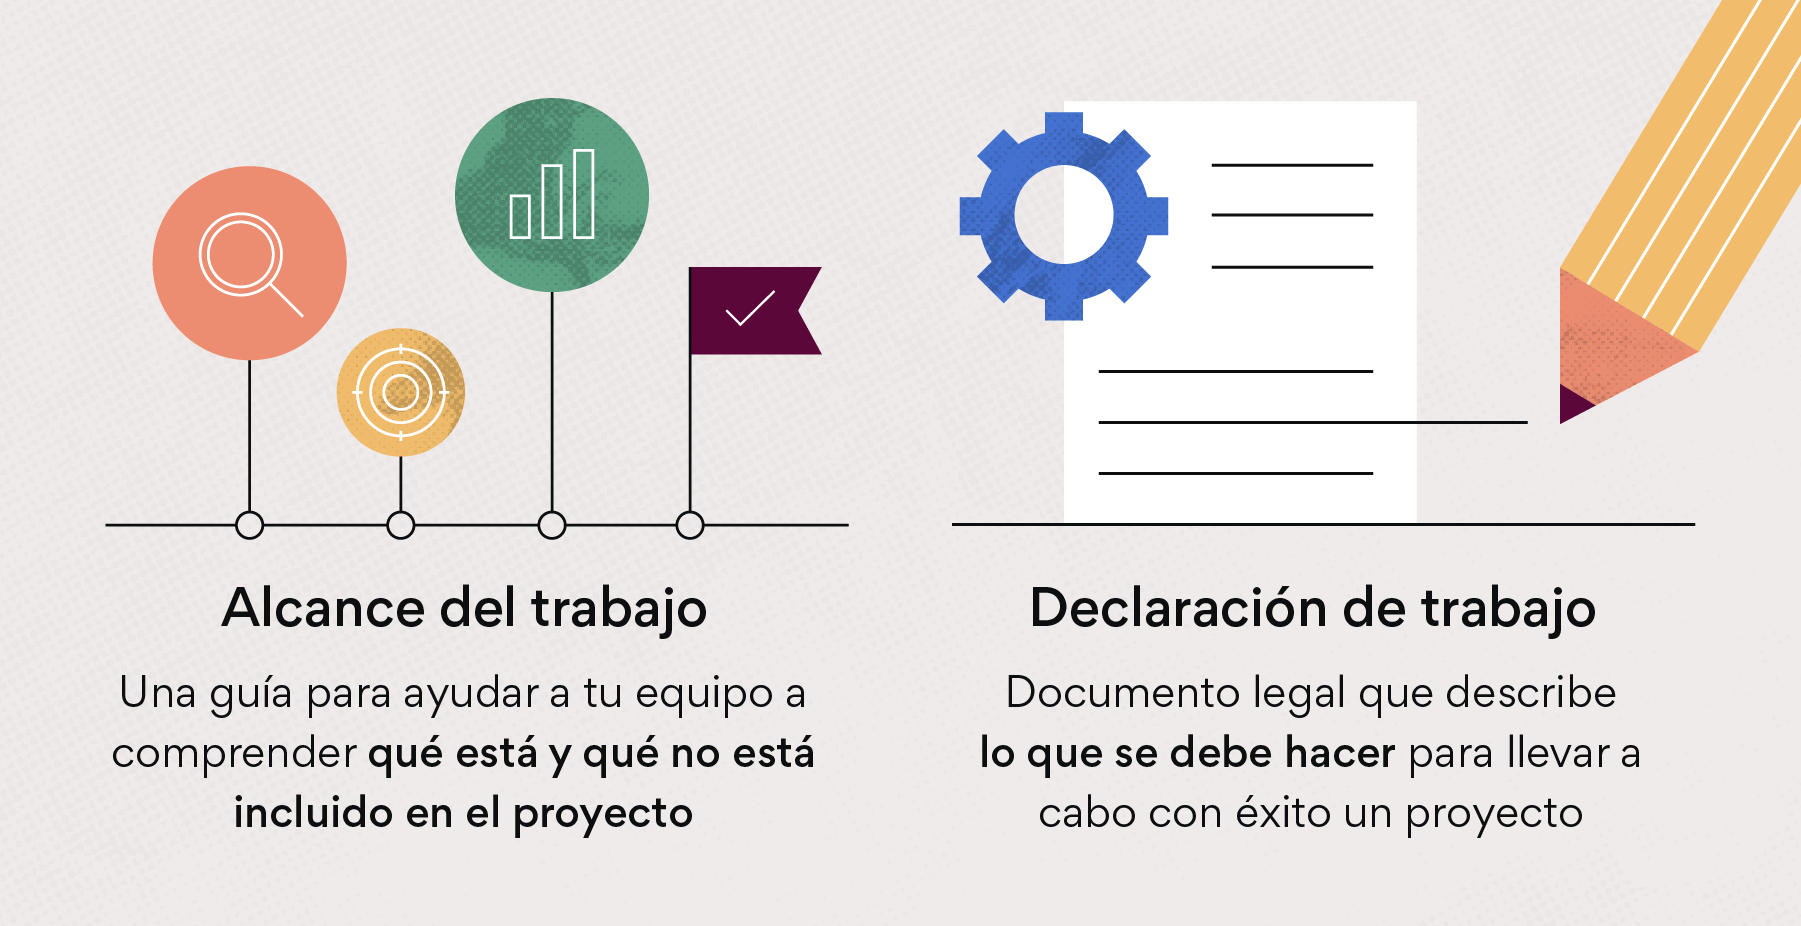 Alcance del trabajo vs. declaración de trabajo